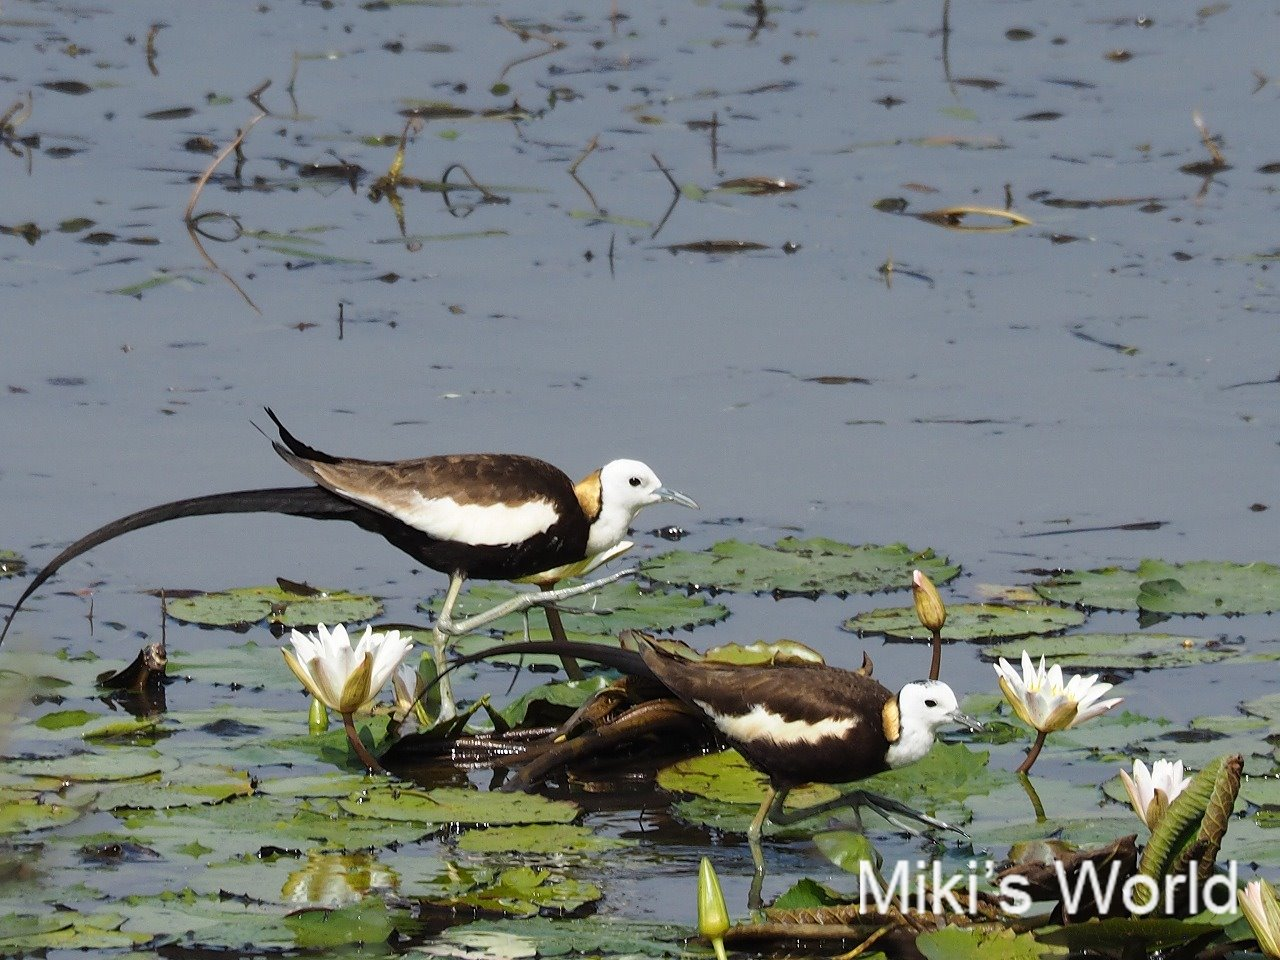 スリランカで撮影 レンカク成鳥